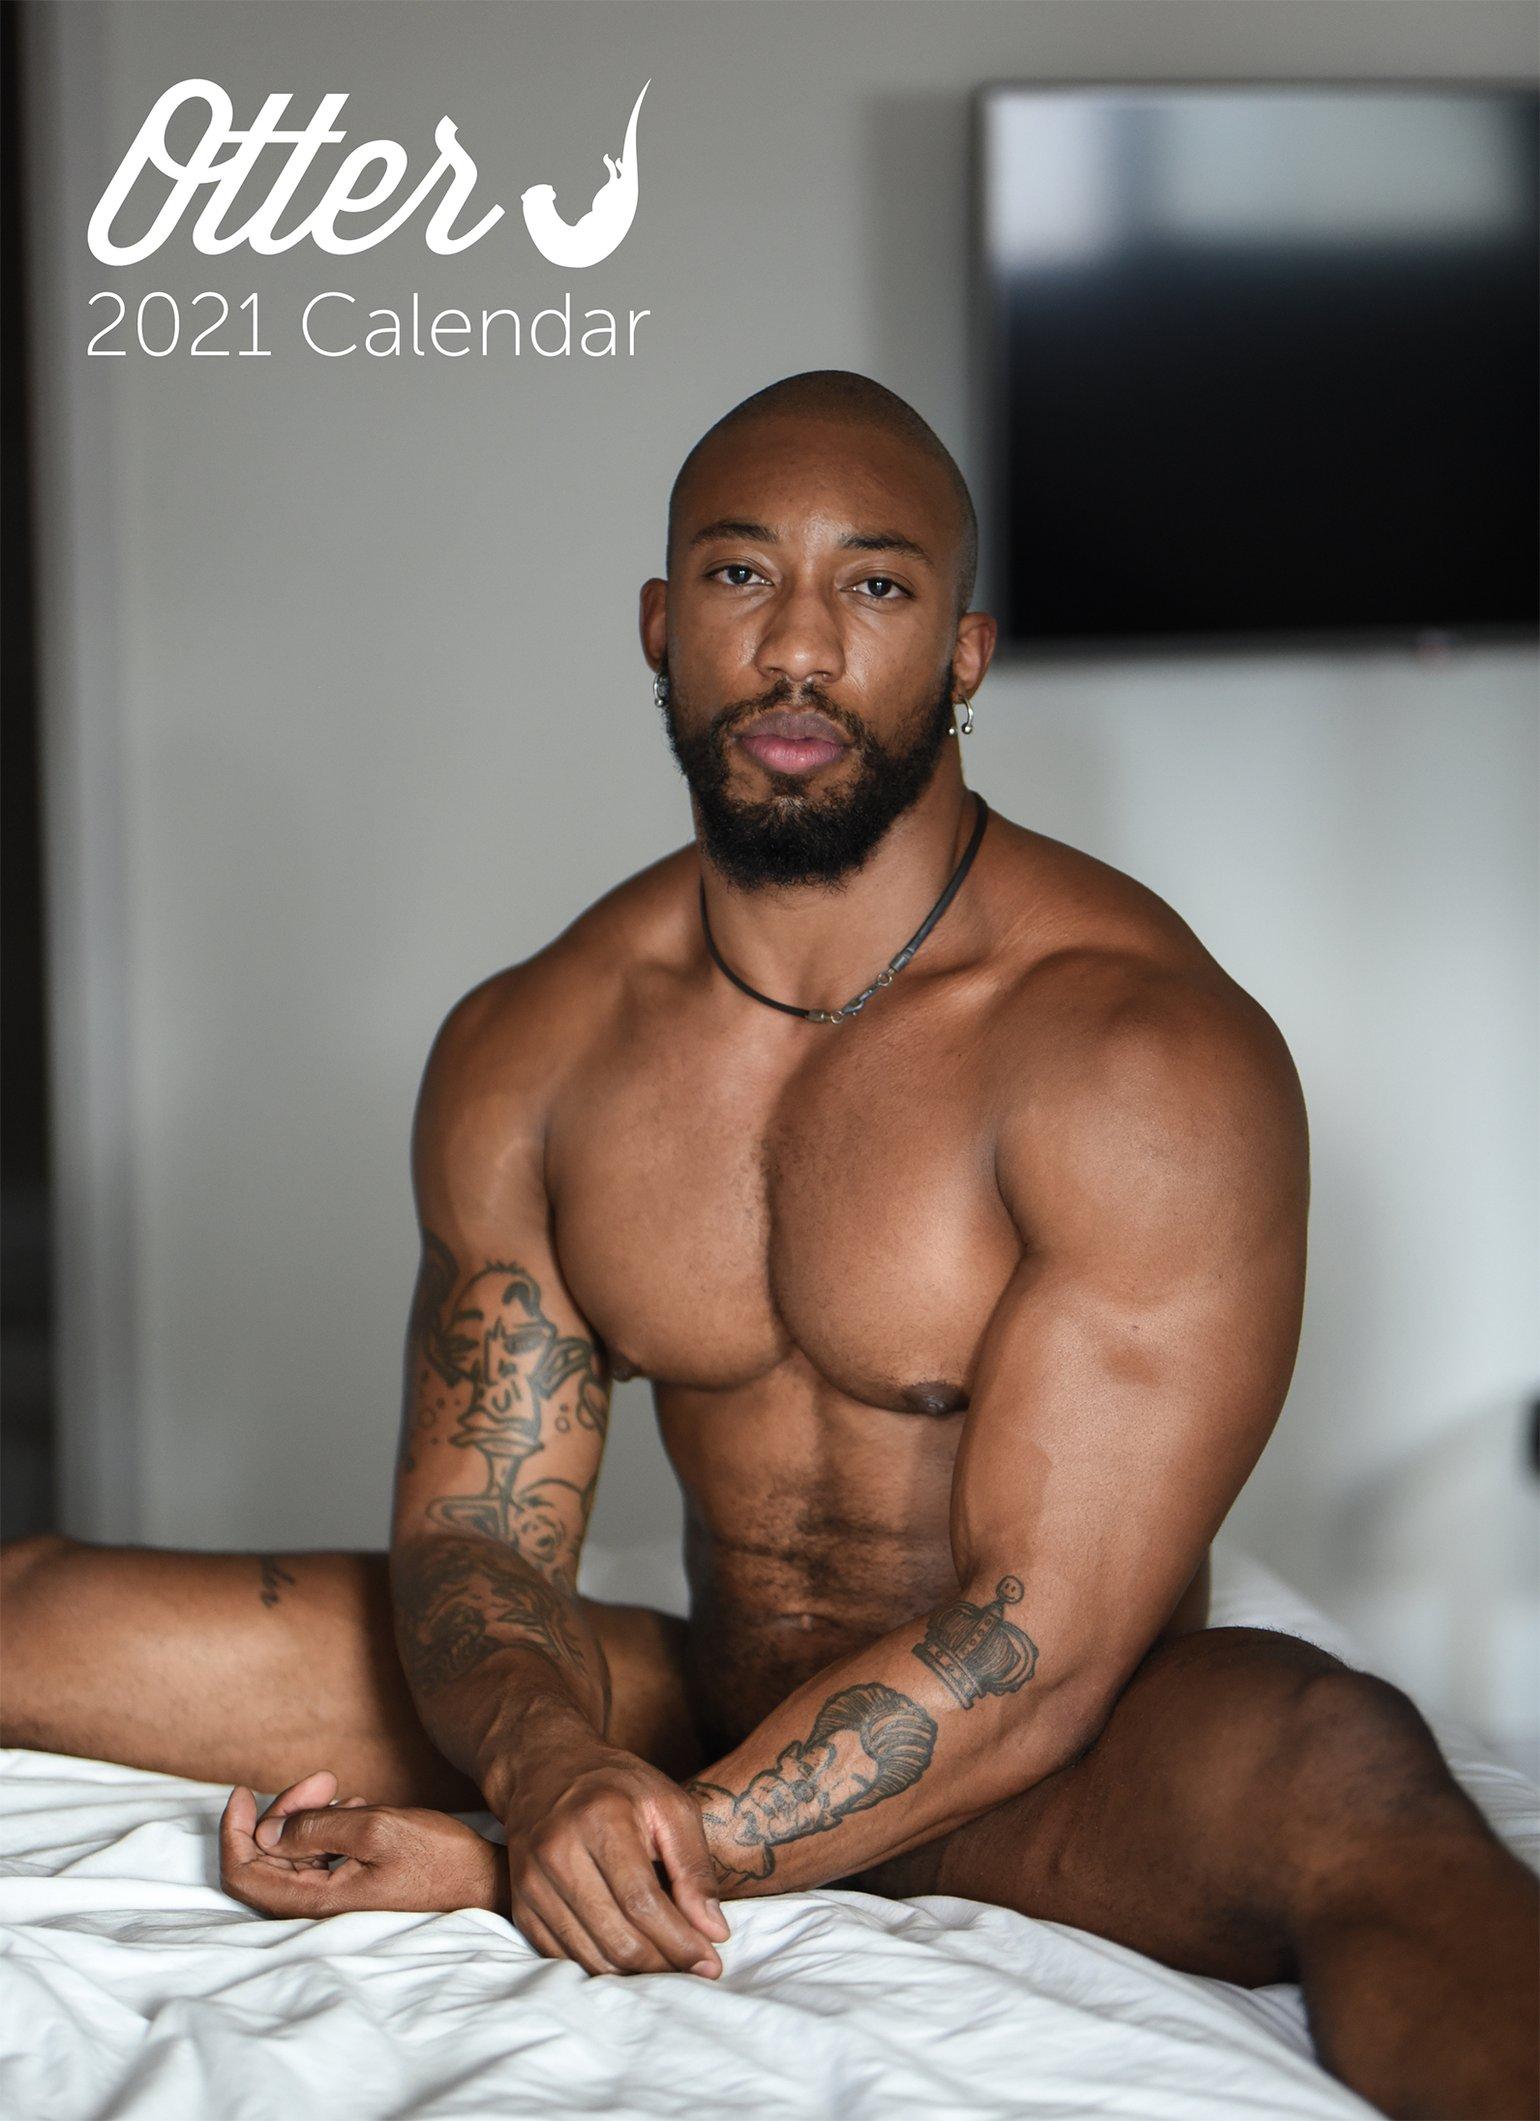 Image of Otterj 2021 Calendar